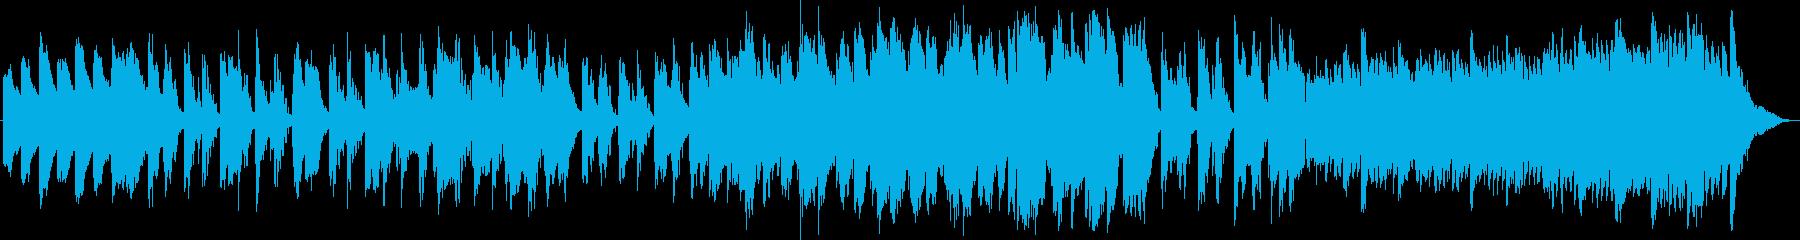 少しプログレで 退廃的なバラードですエ…の再生済みの波形